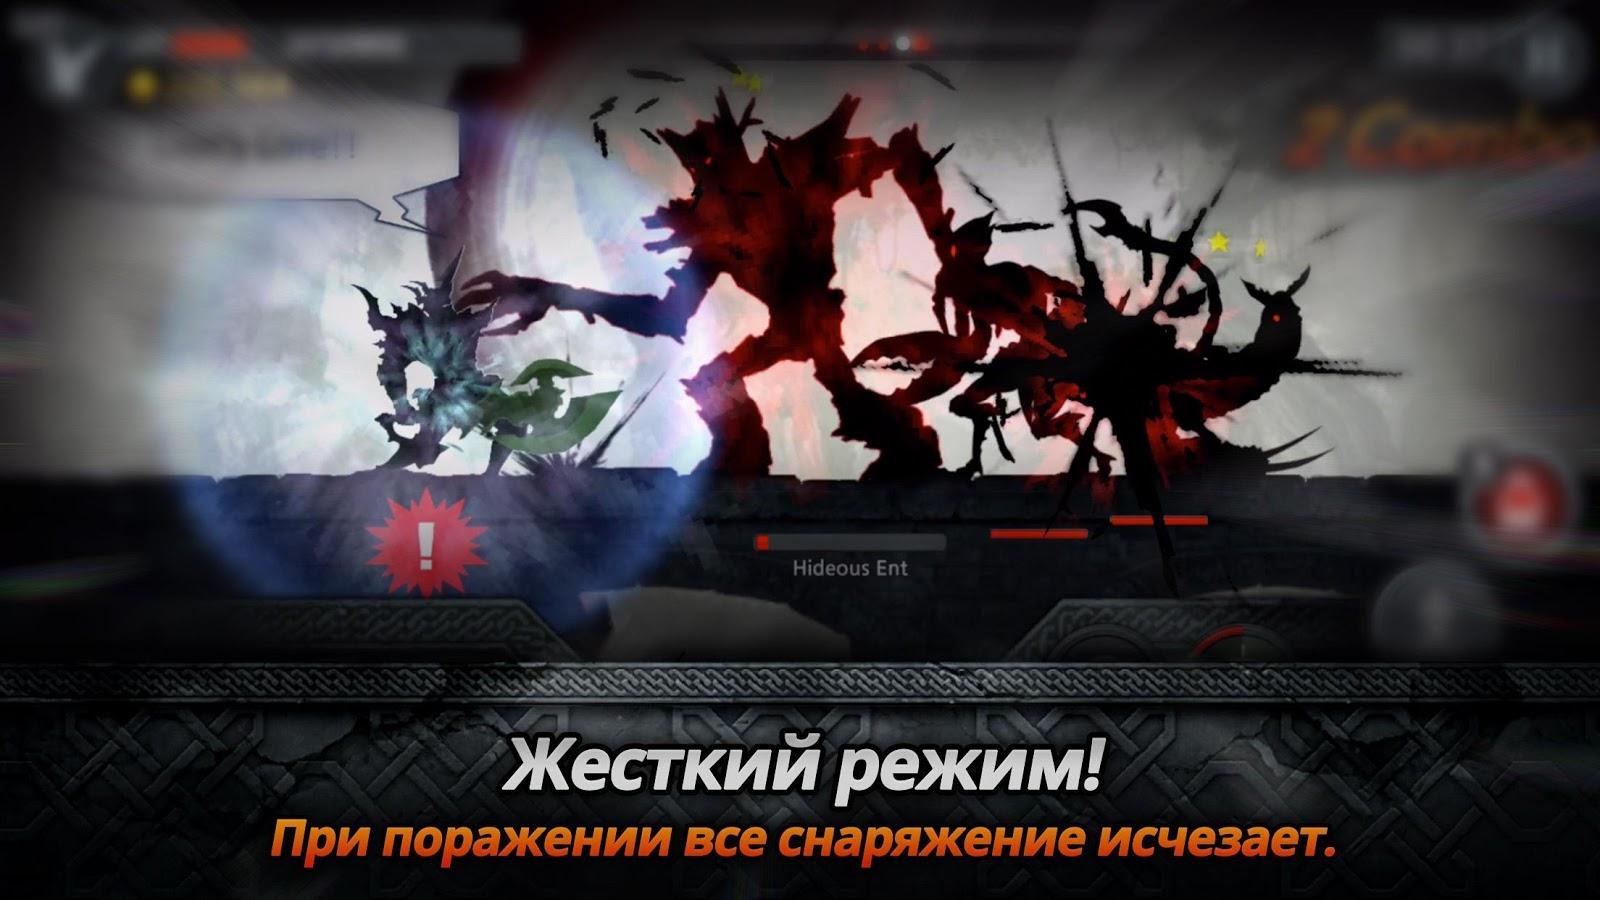 Скачать Dark Sword 2 3 3 для Android